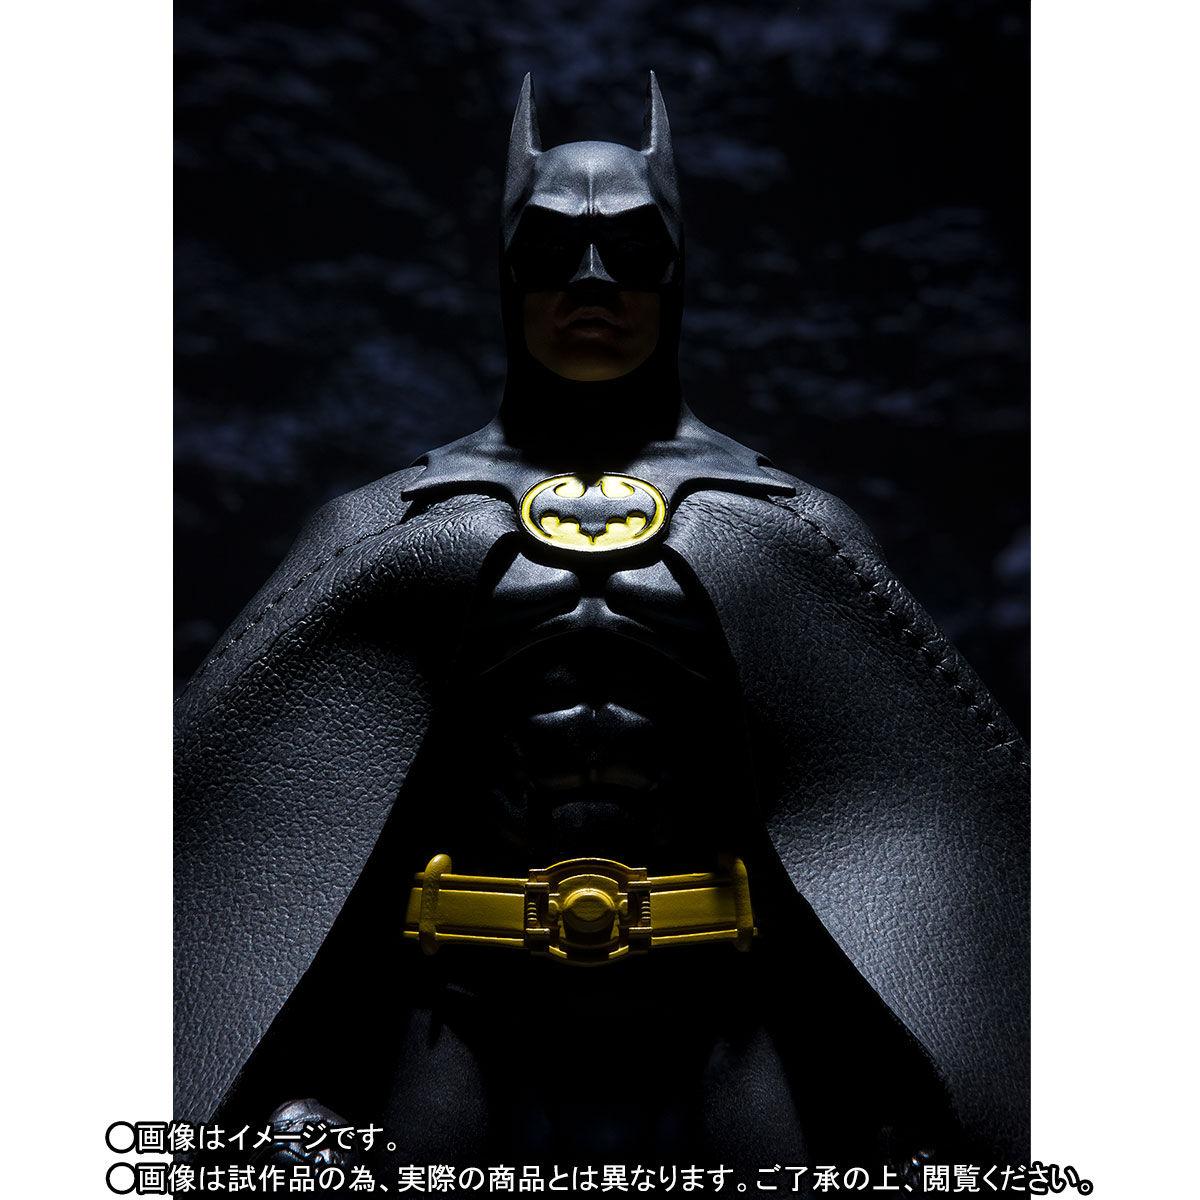 【限定販売】S.H.Figuarts『バットマン(BATMAN 1989)』可動フィギュア-010